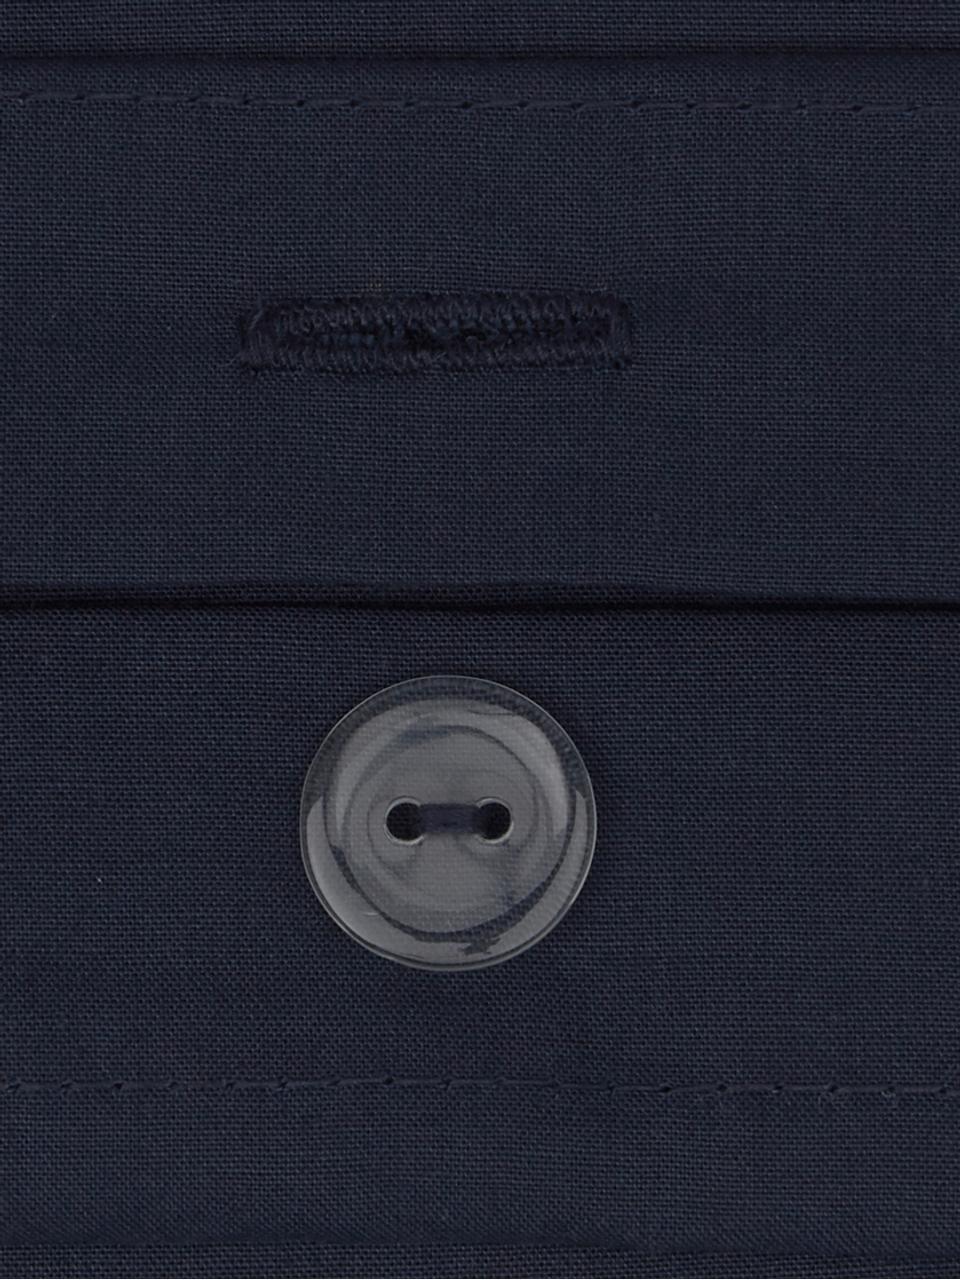 Baumwollperkal-Bettwäsche Elsie in Dunkelblau, Webart: Perkal Fadendichte 200 TC, Dunkelblau, 135 x 200 cm + 1 Kissen 80 x 80 cm